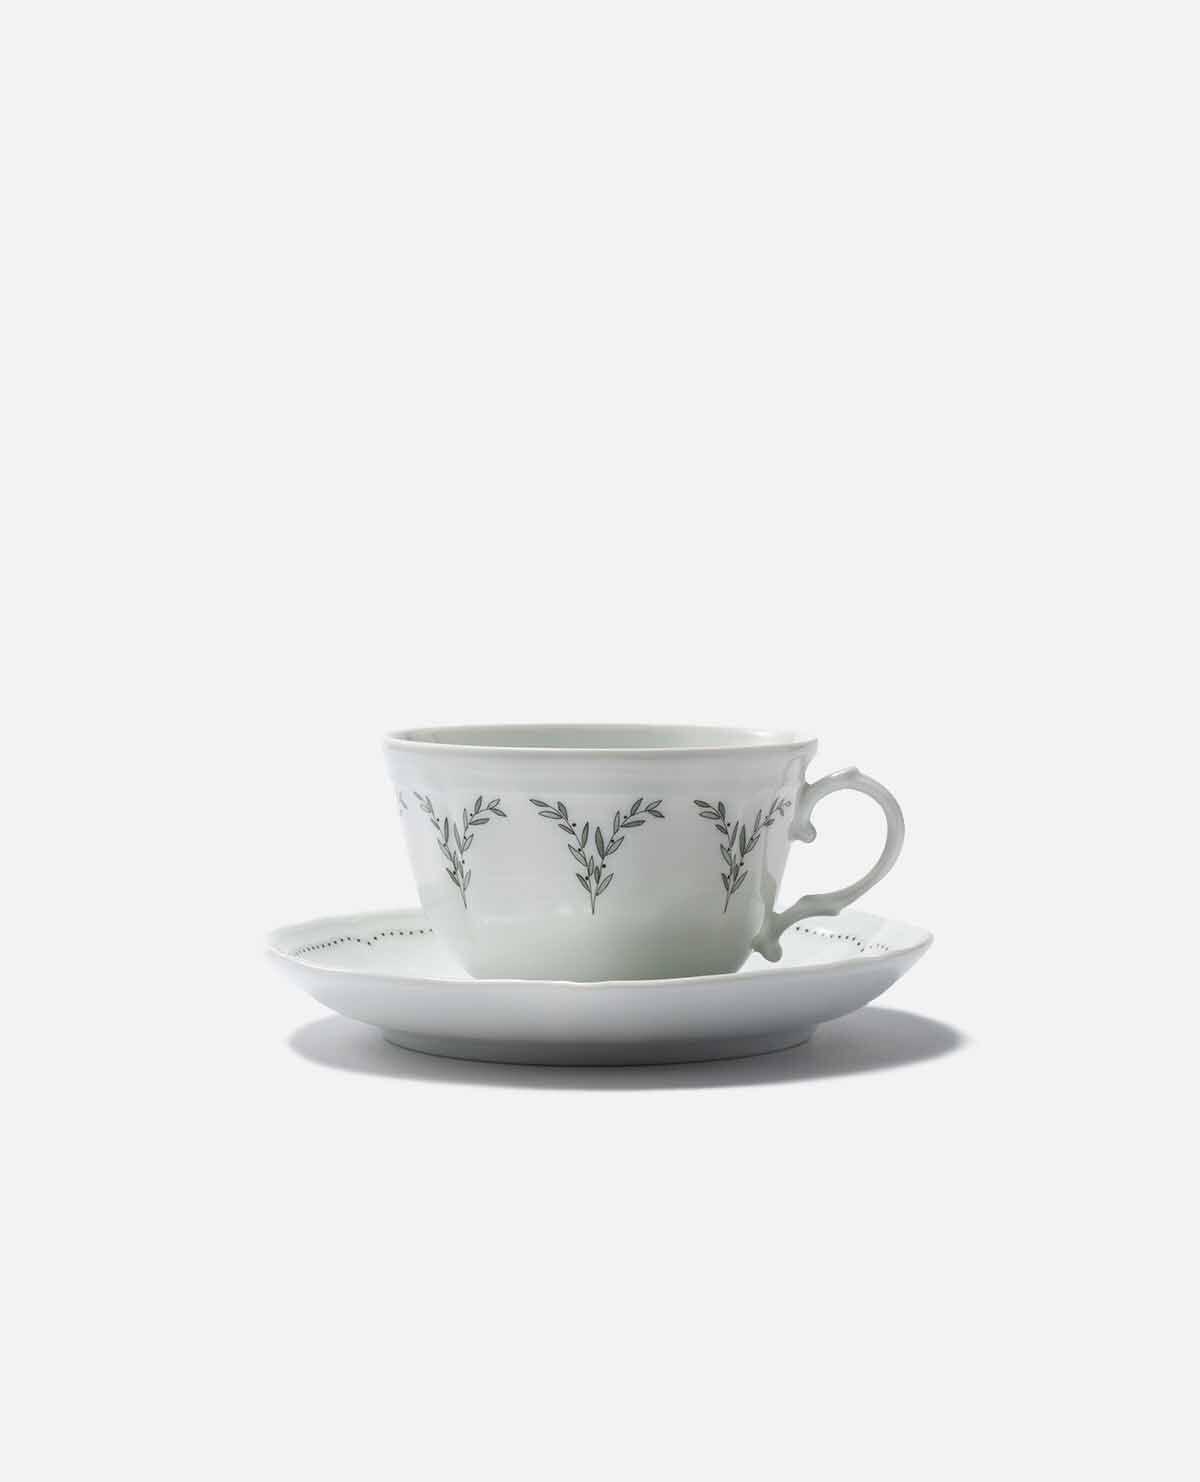 オリーヴァ ティーカップ&ソーサー(リチャードジノリ ミナ ペルホネン)